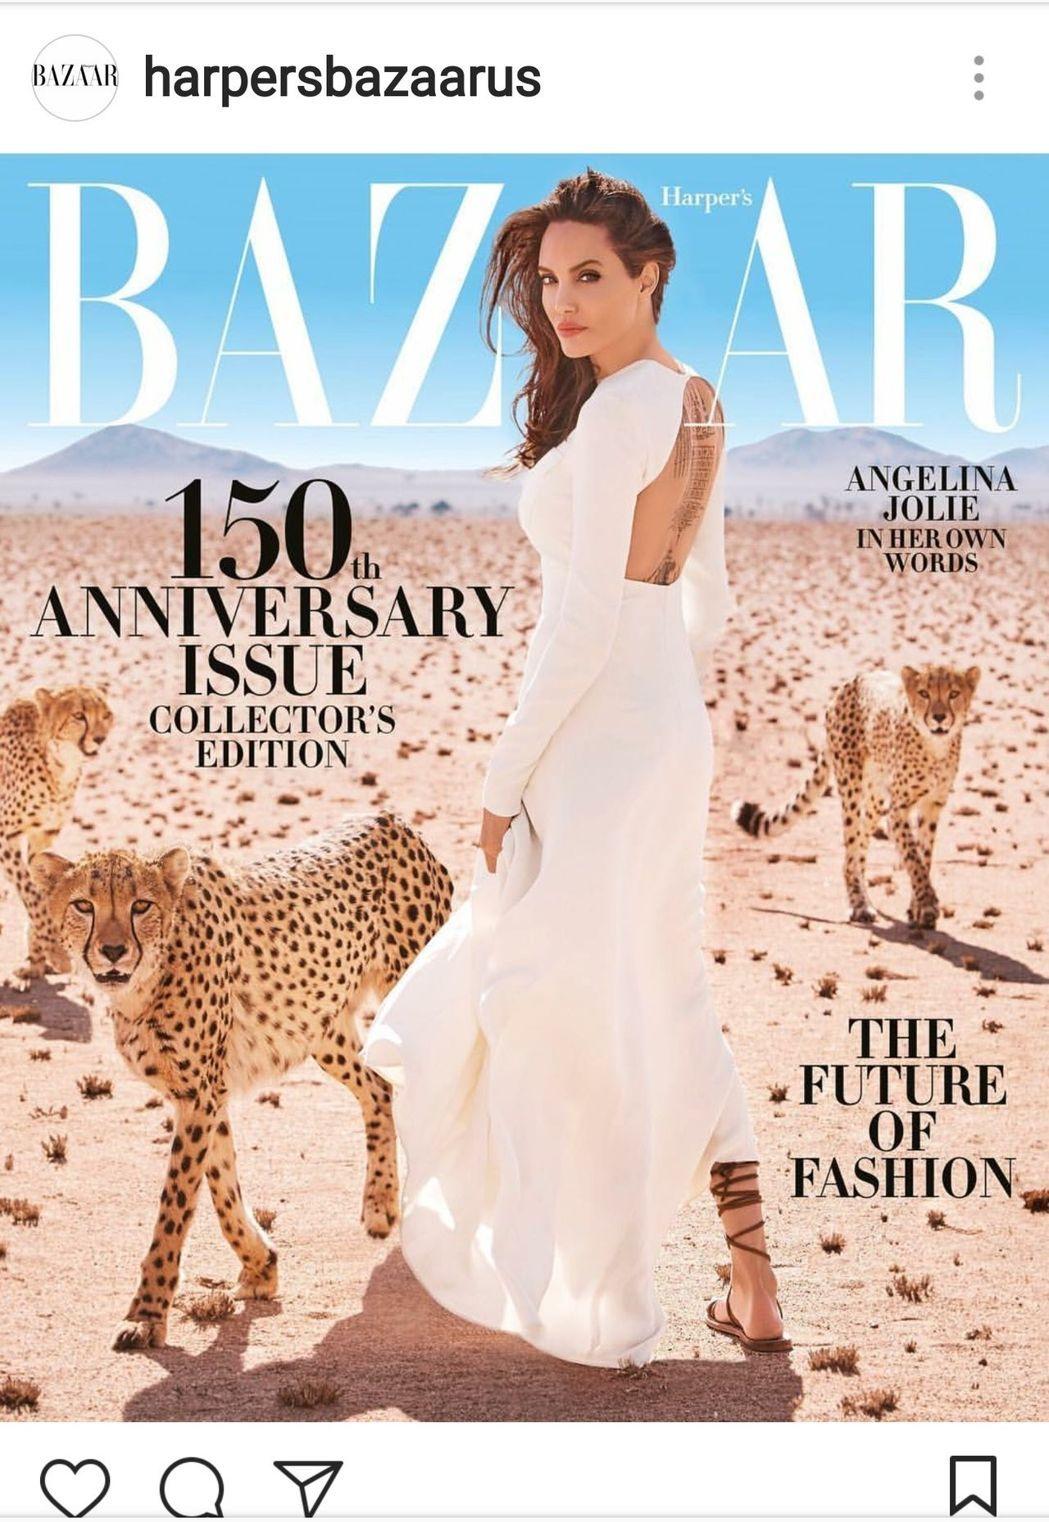 安琪琳娜裘莉在納米比亞拍攝的雜誌封面,充滿獨特美感。(圖擷自Harper's Bazaar US Instagram)